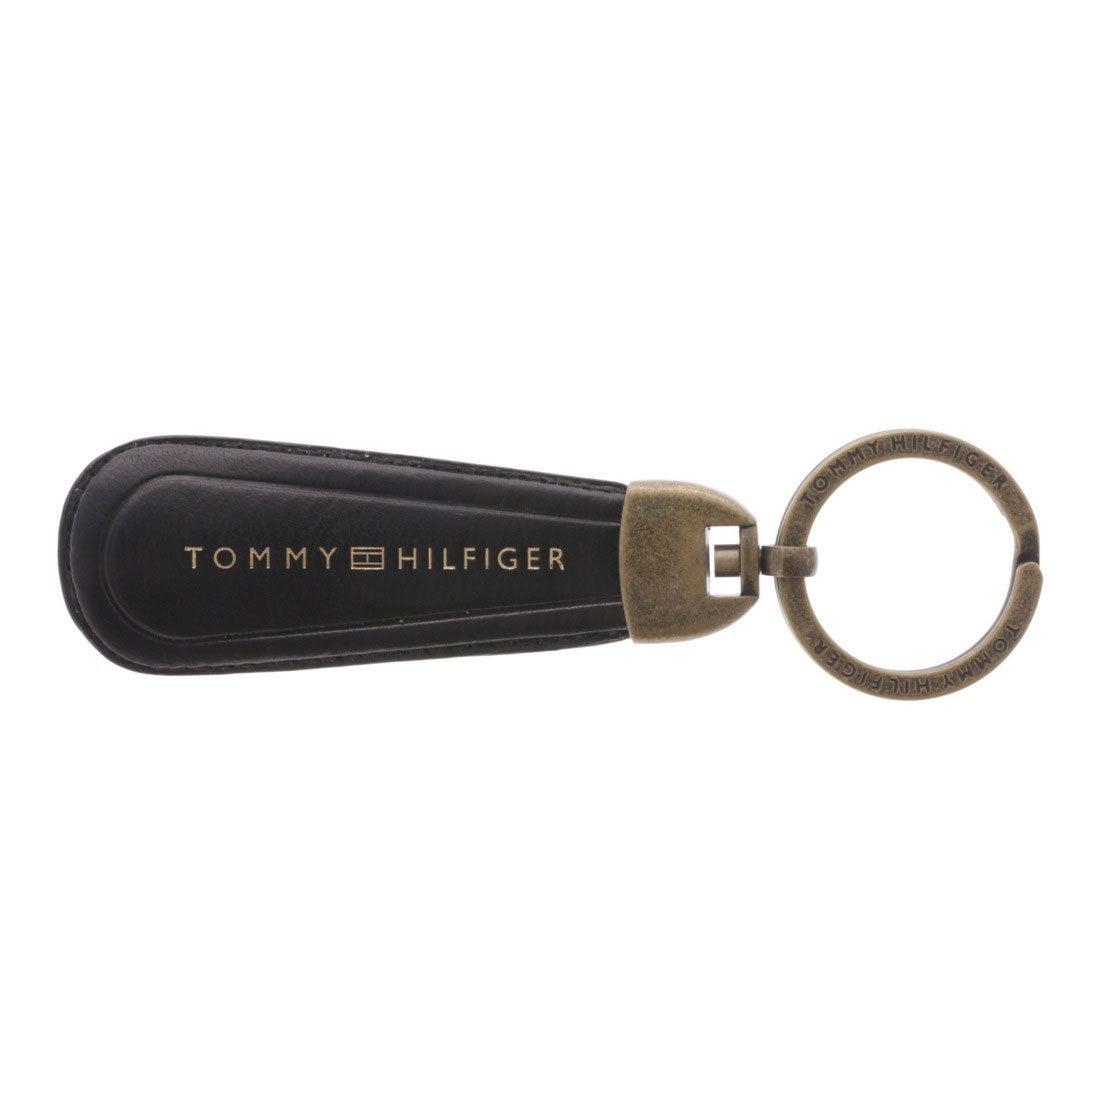 4027c1e454c4 トミーヒルフィガー TOMMY HILFIGER シューホーンキーホルダー (ブラック) -アウトレット通販 ロコレット (LOCOLET)